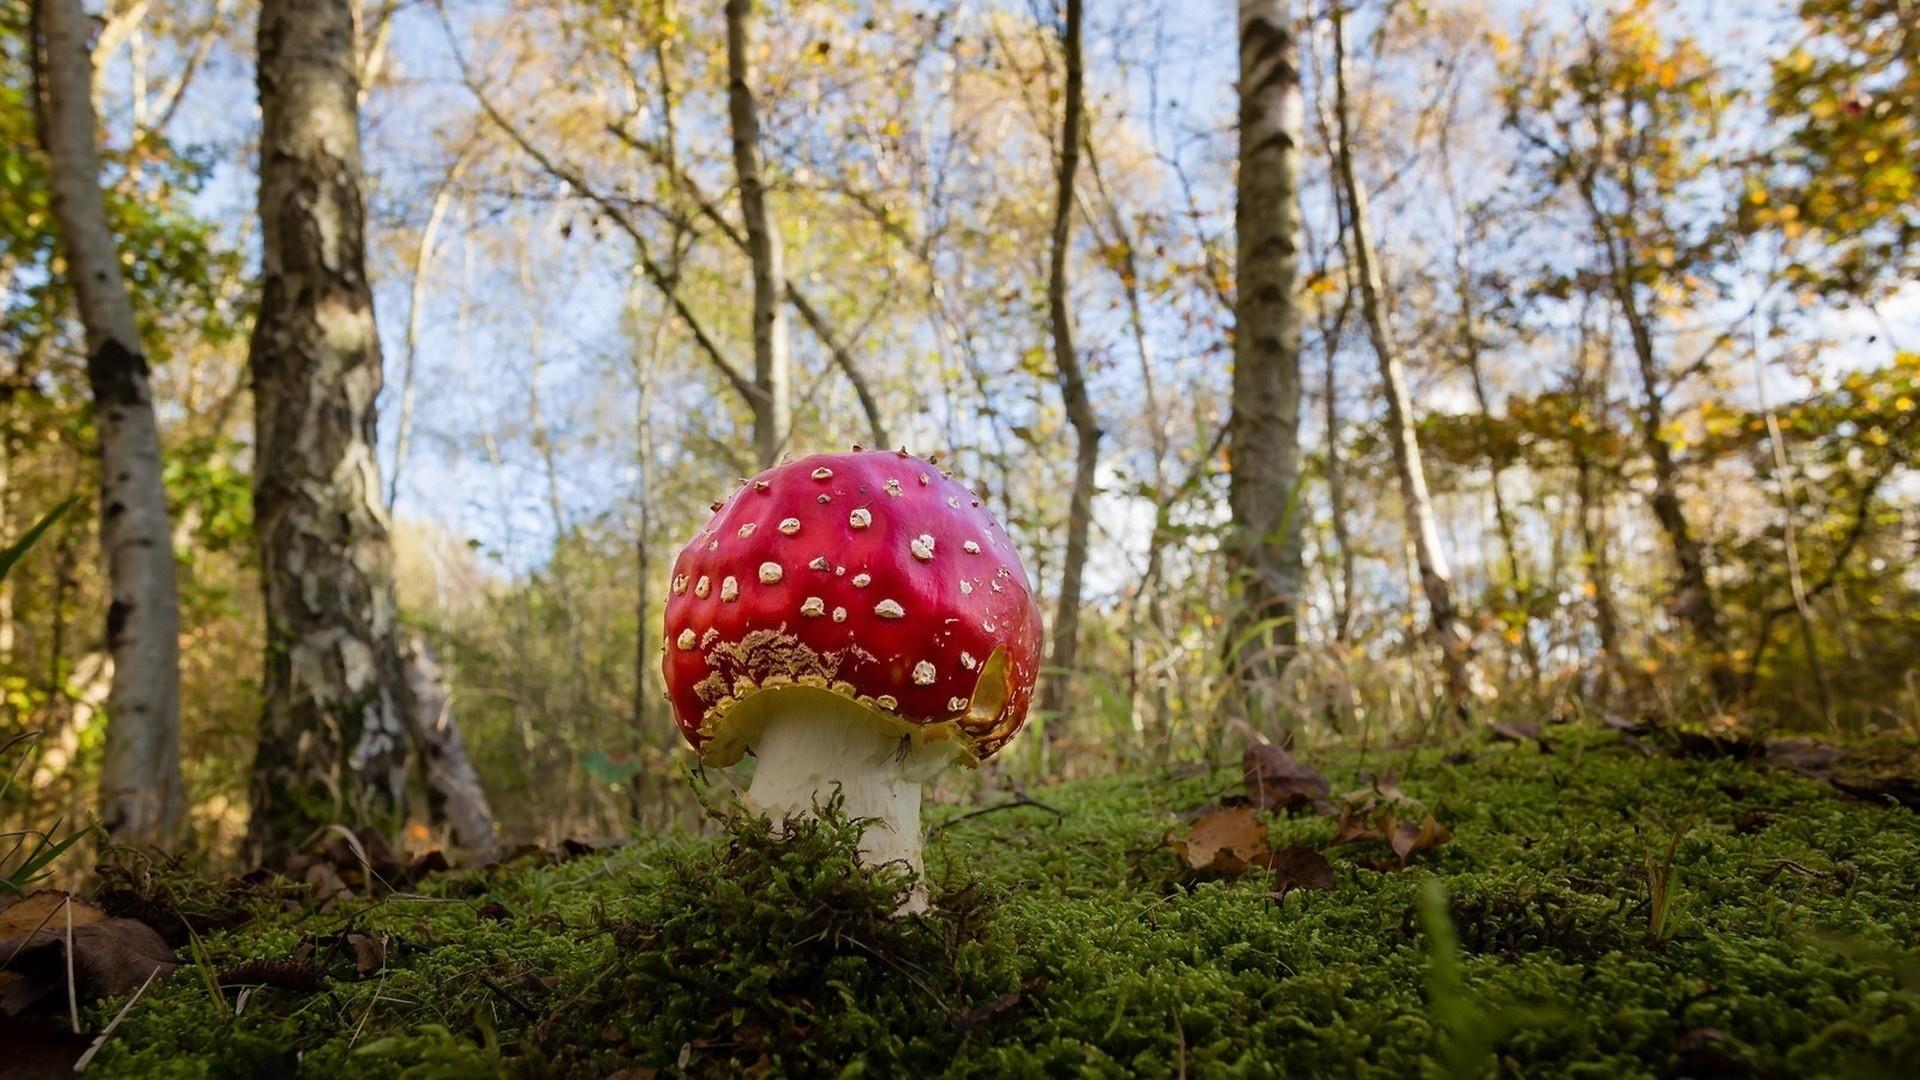 еще красивые картинки грибы в осеннем лесу красивая